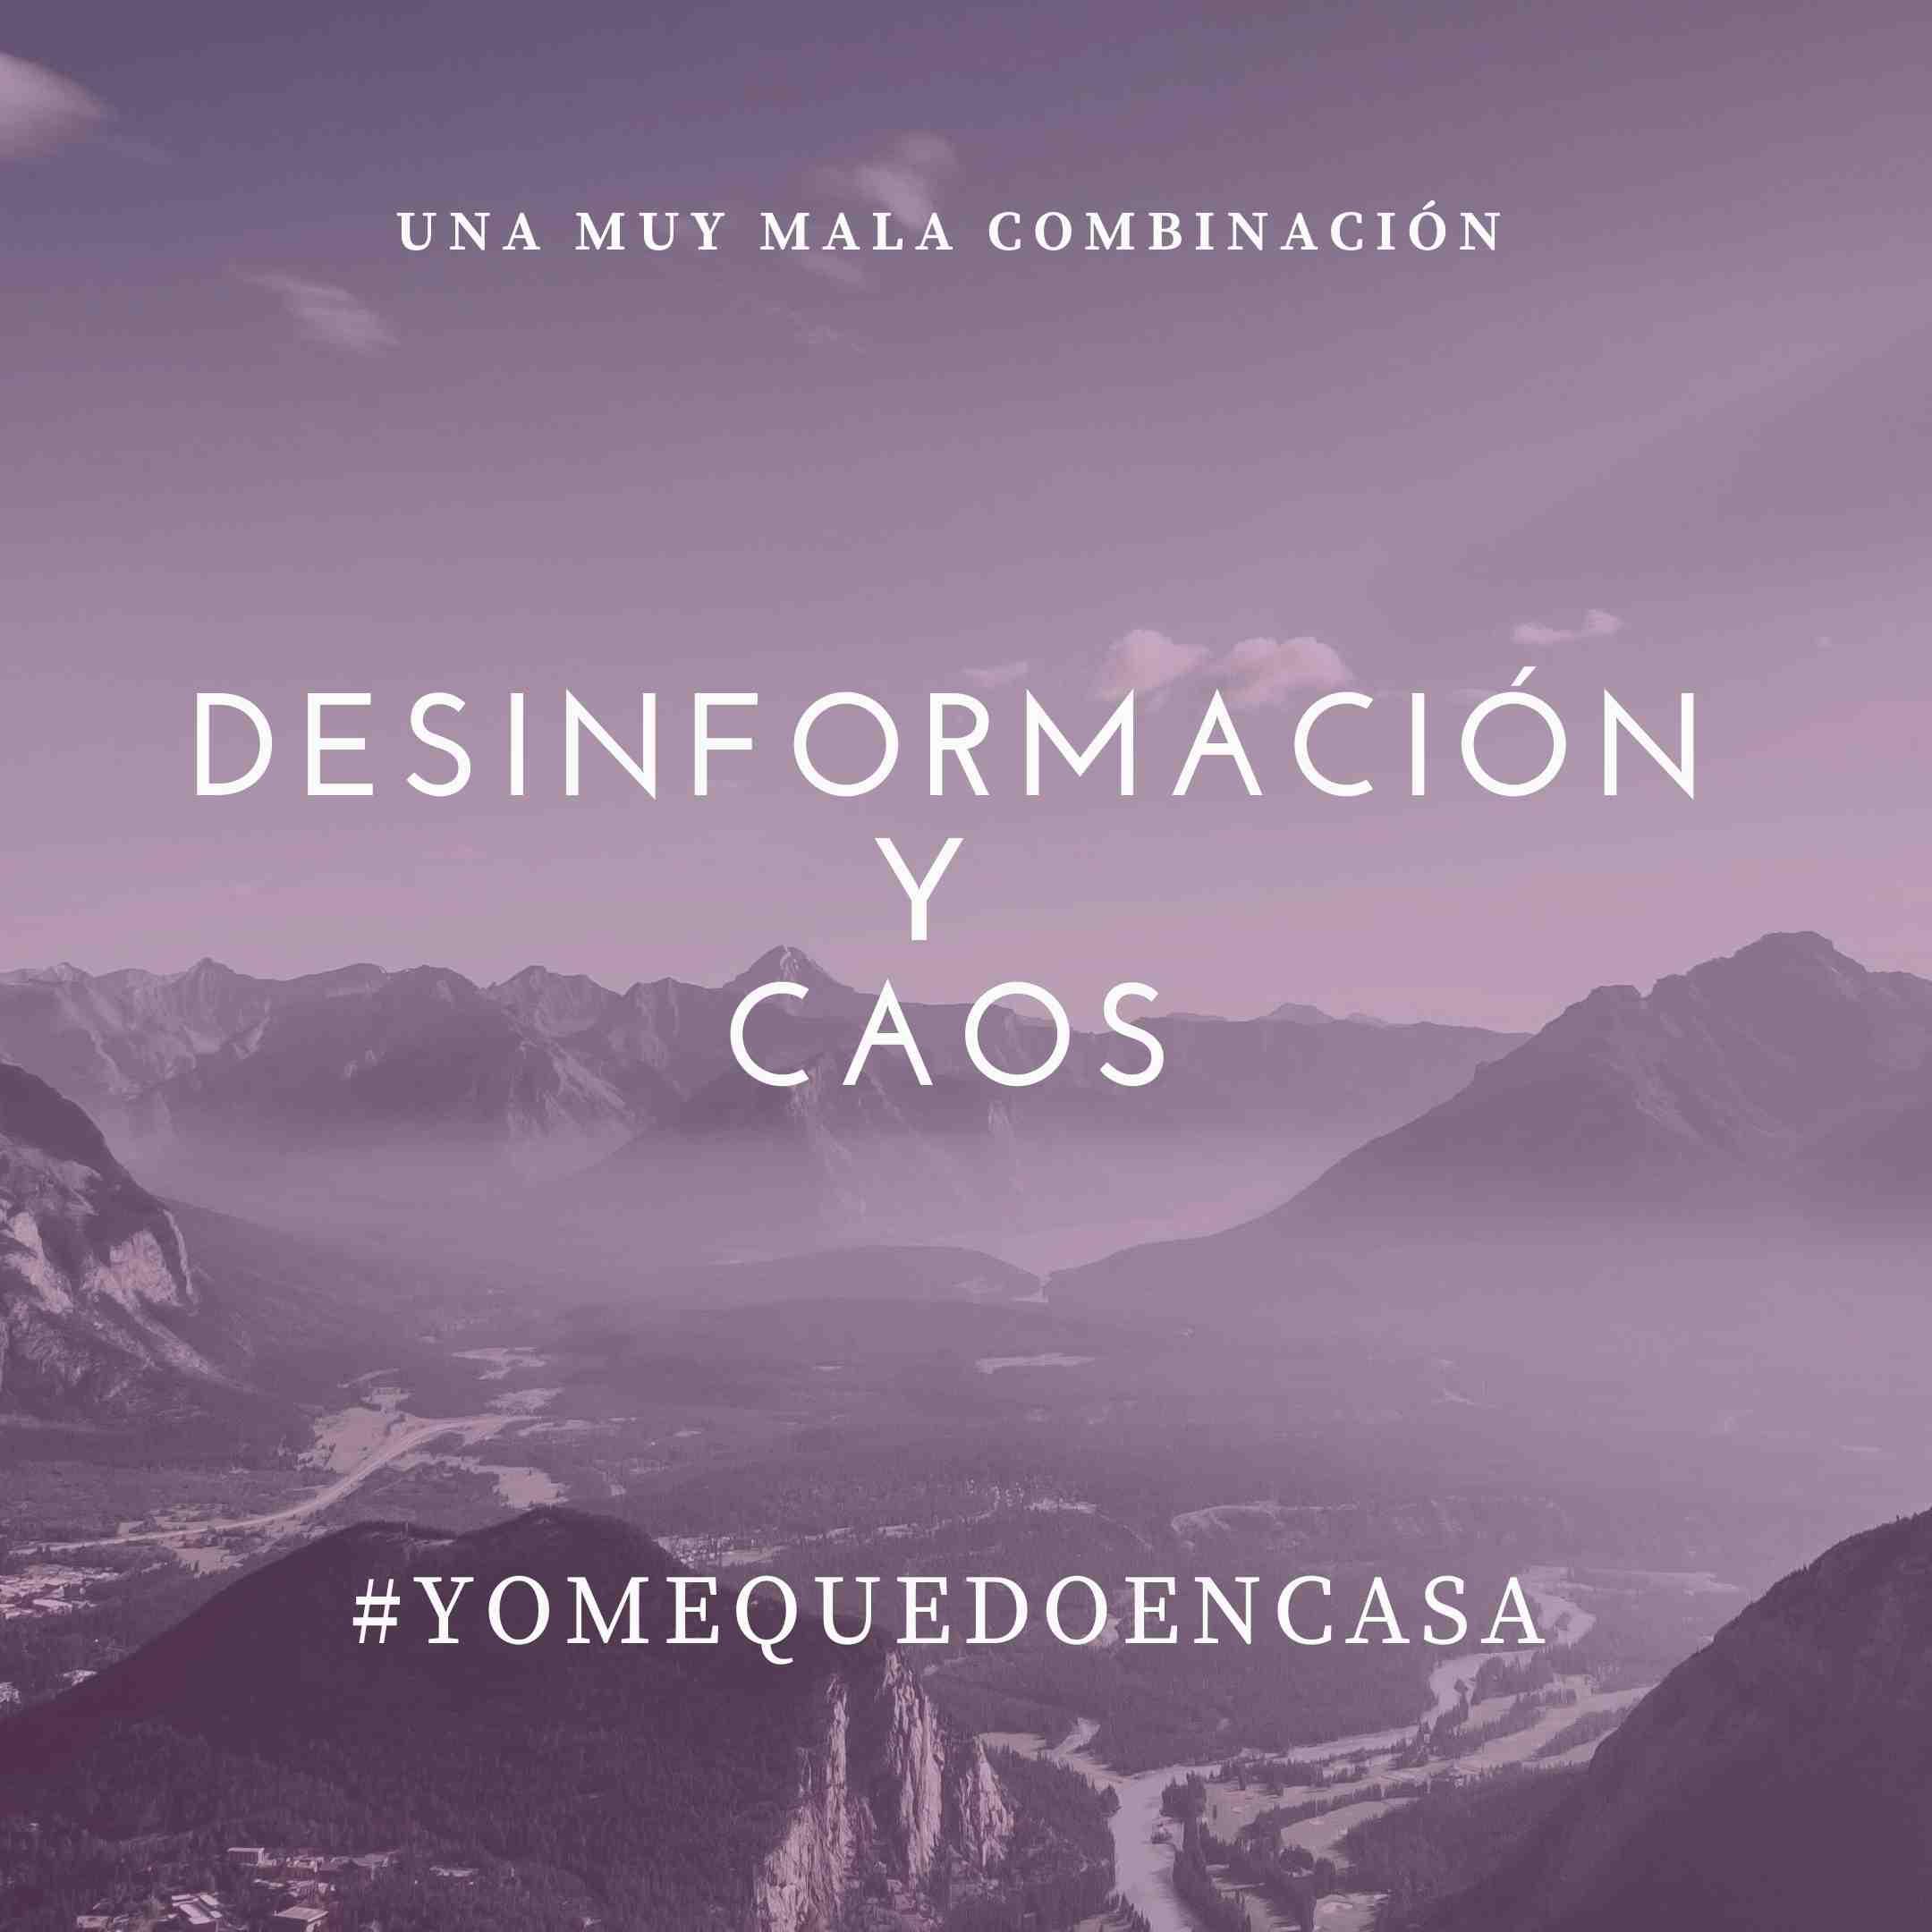 Desinformación y caos